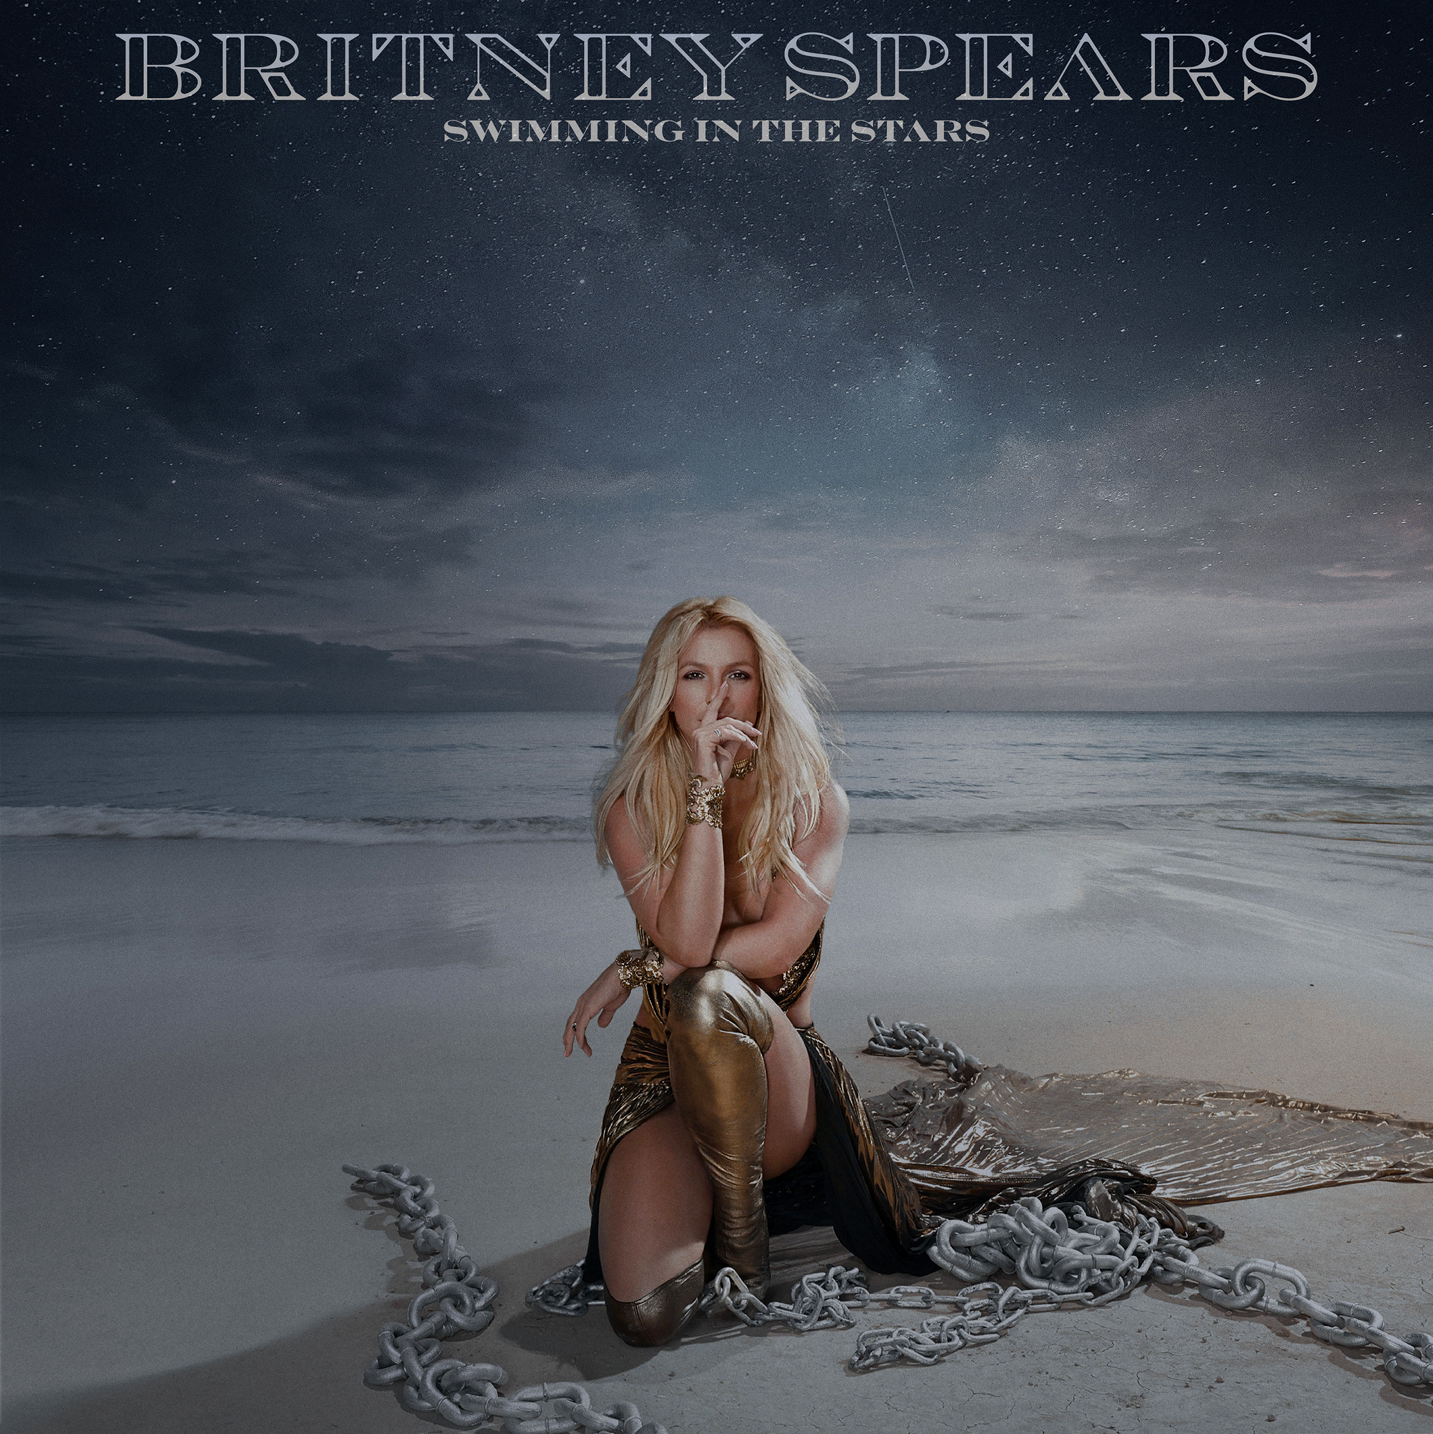 Novo single de Britney Spears, 'Swimming In The Stars', será lançado em vinil; veja capa